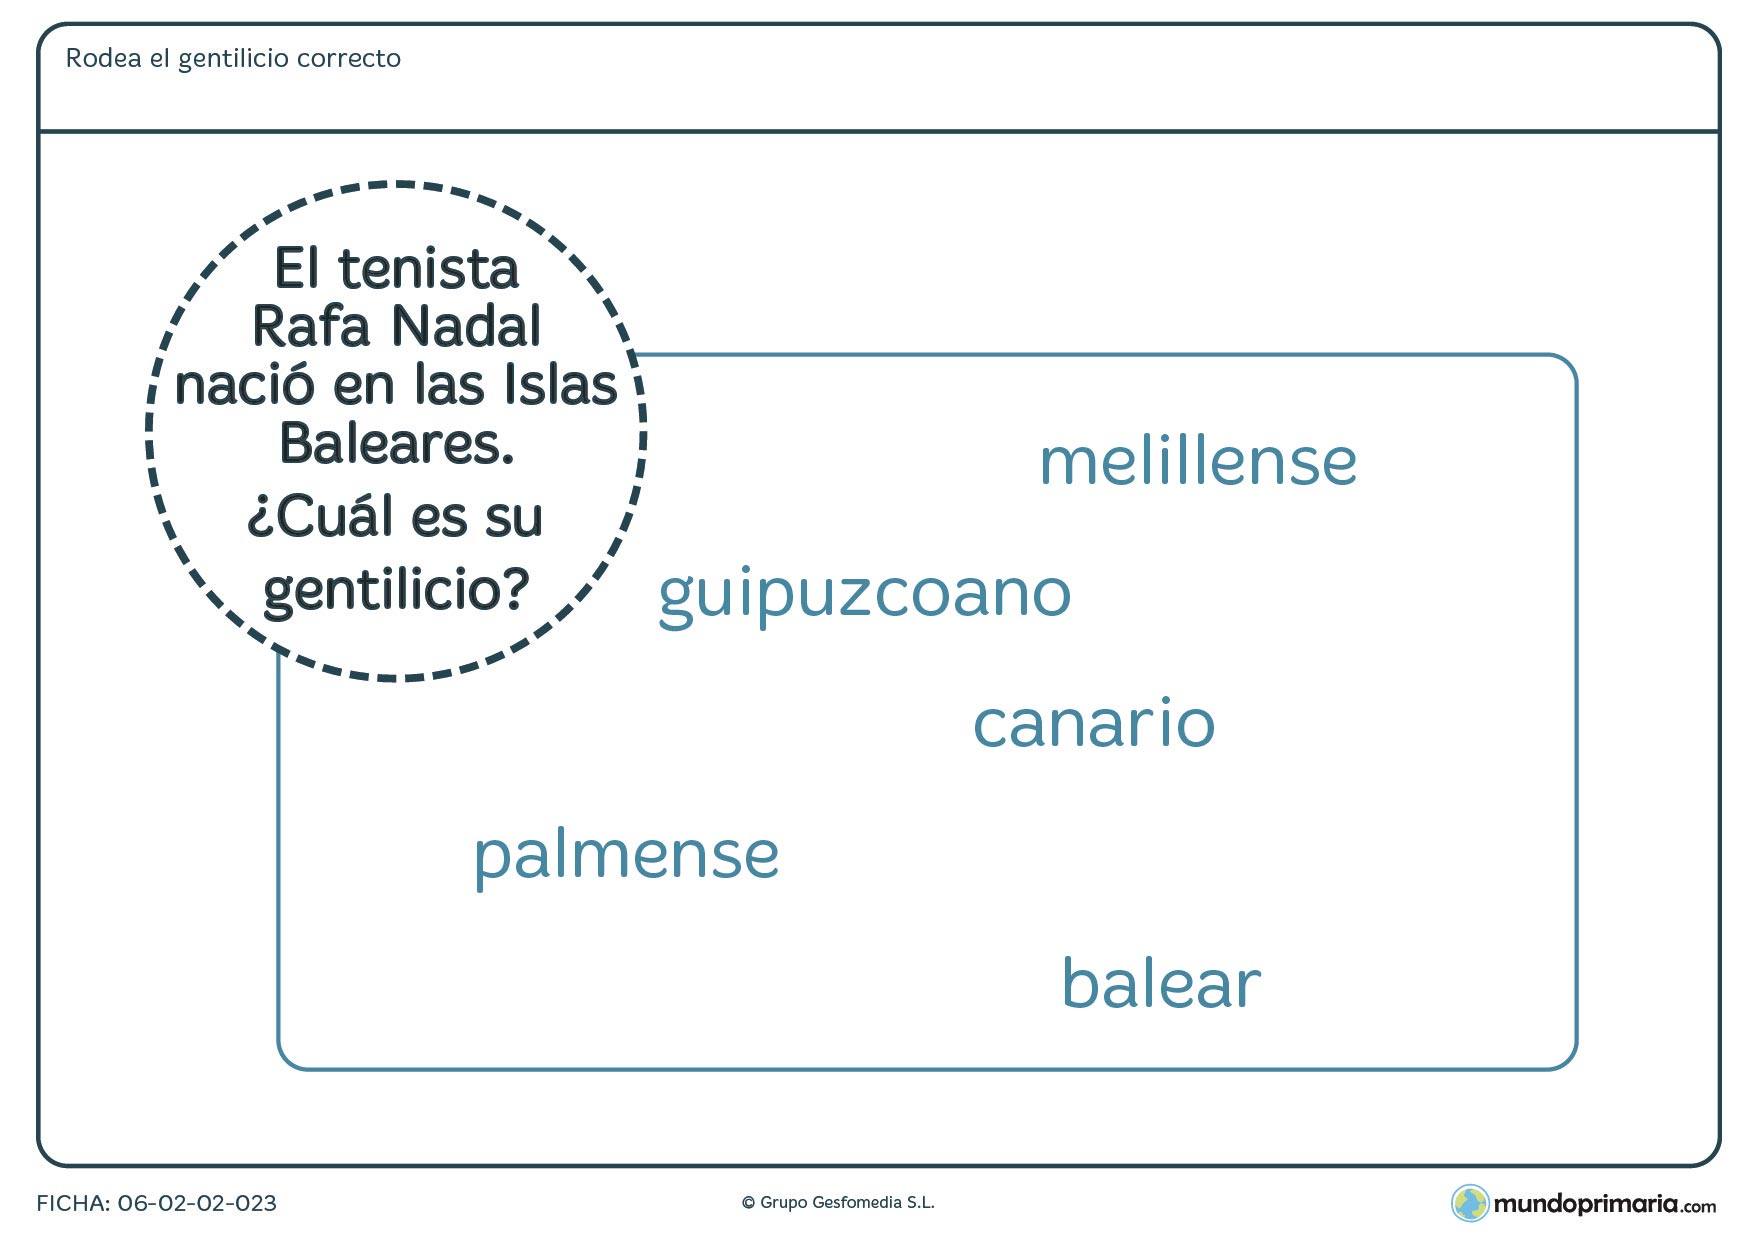 Ficha de rodear el gentilicio correcto para 4º de educación infantil